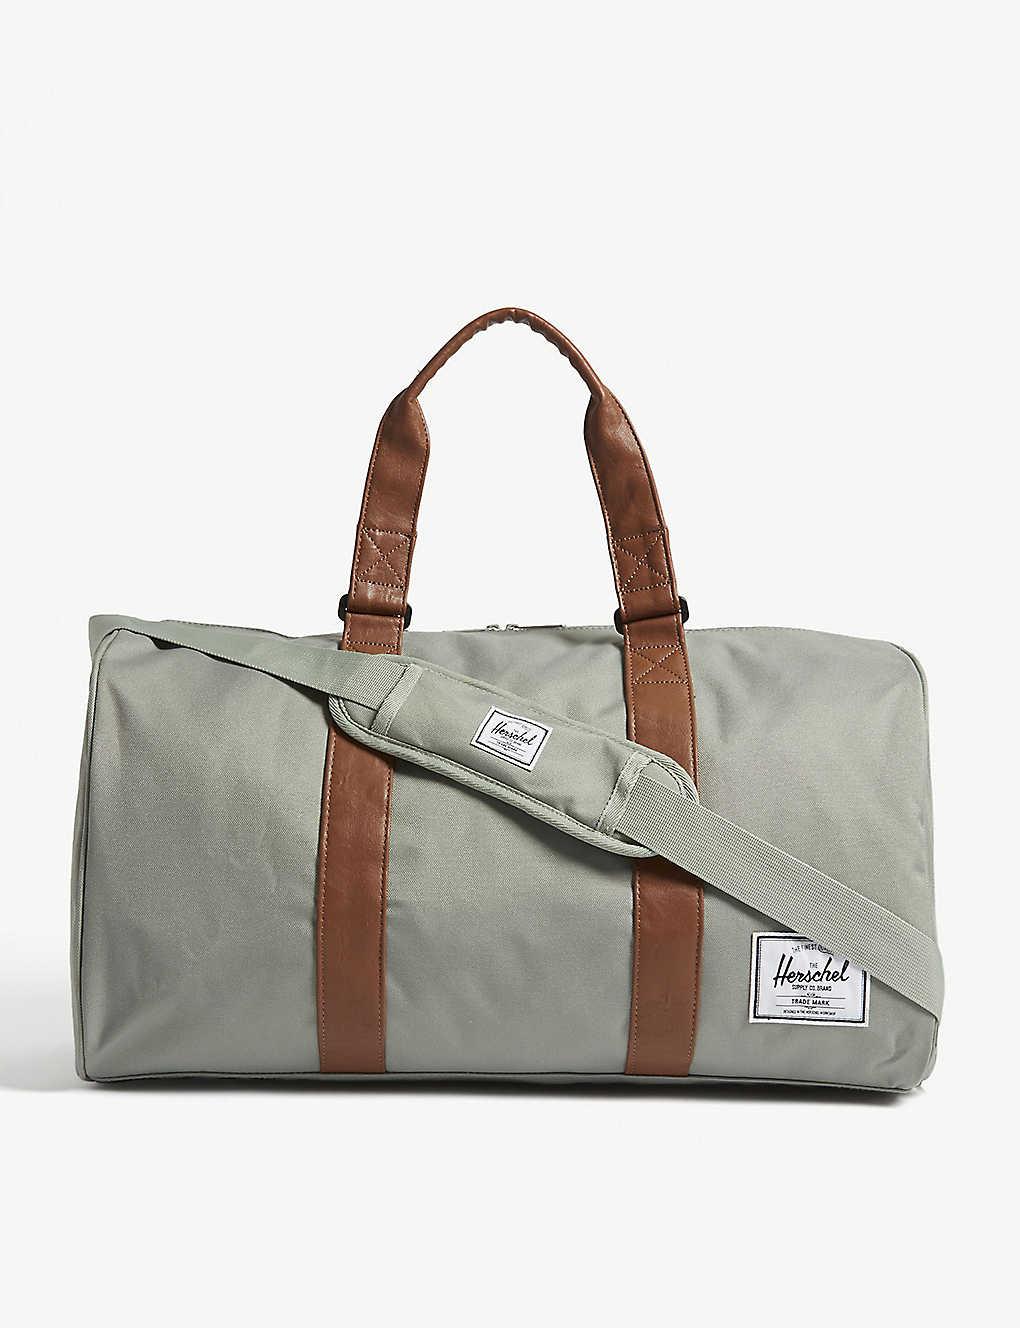 dc9736d20 HERSCHEL SUPPLY CO - Novel duffle bag | Selfridges.com